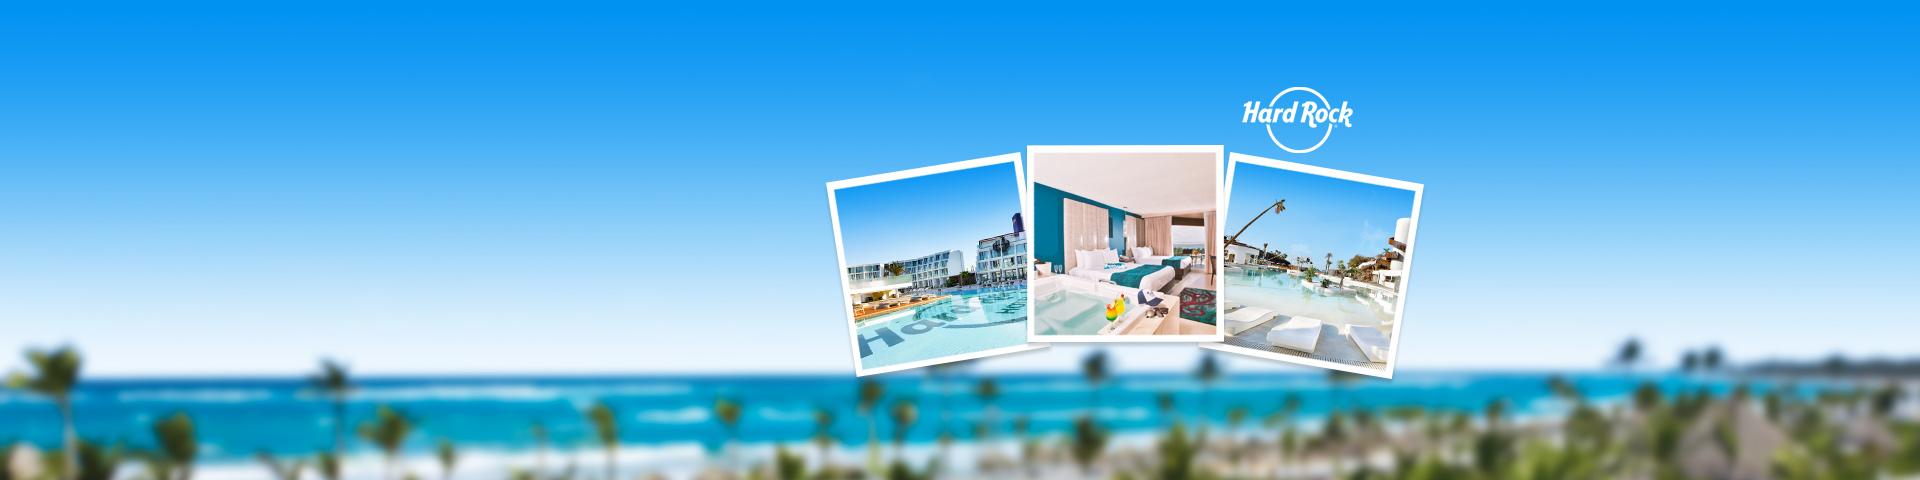 Uitzicht op het hotelgebouw en hotelkamers van hotelketen Hard Rock